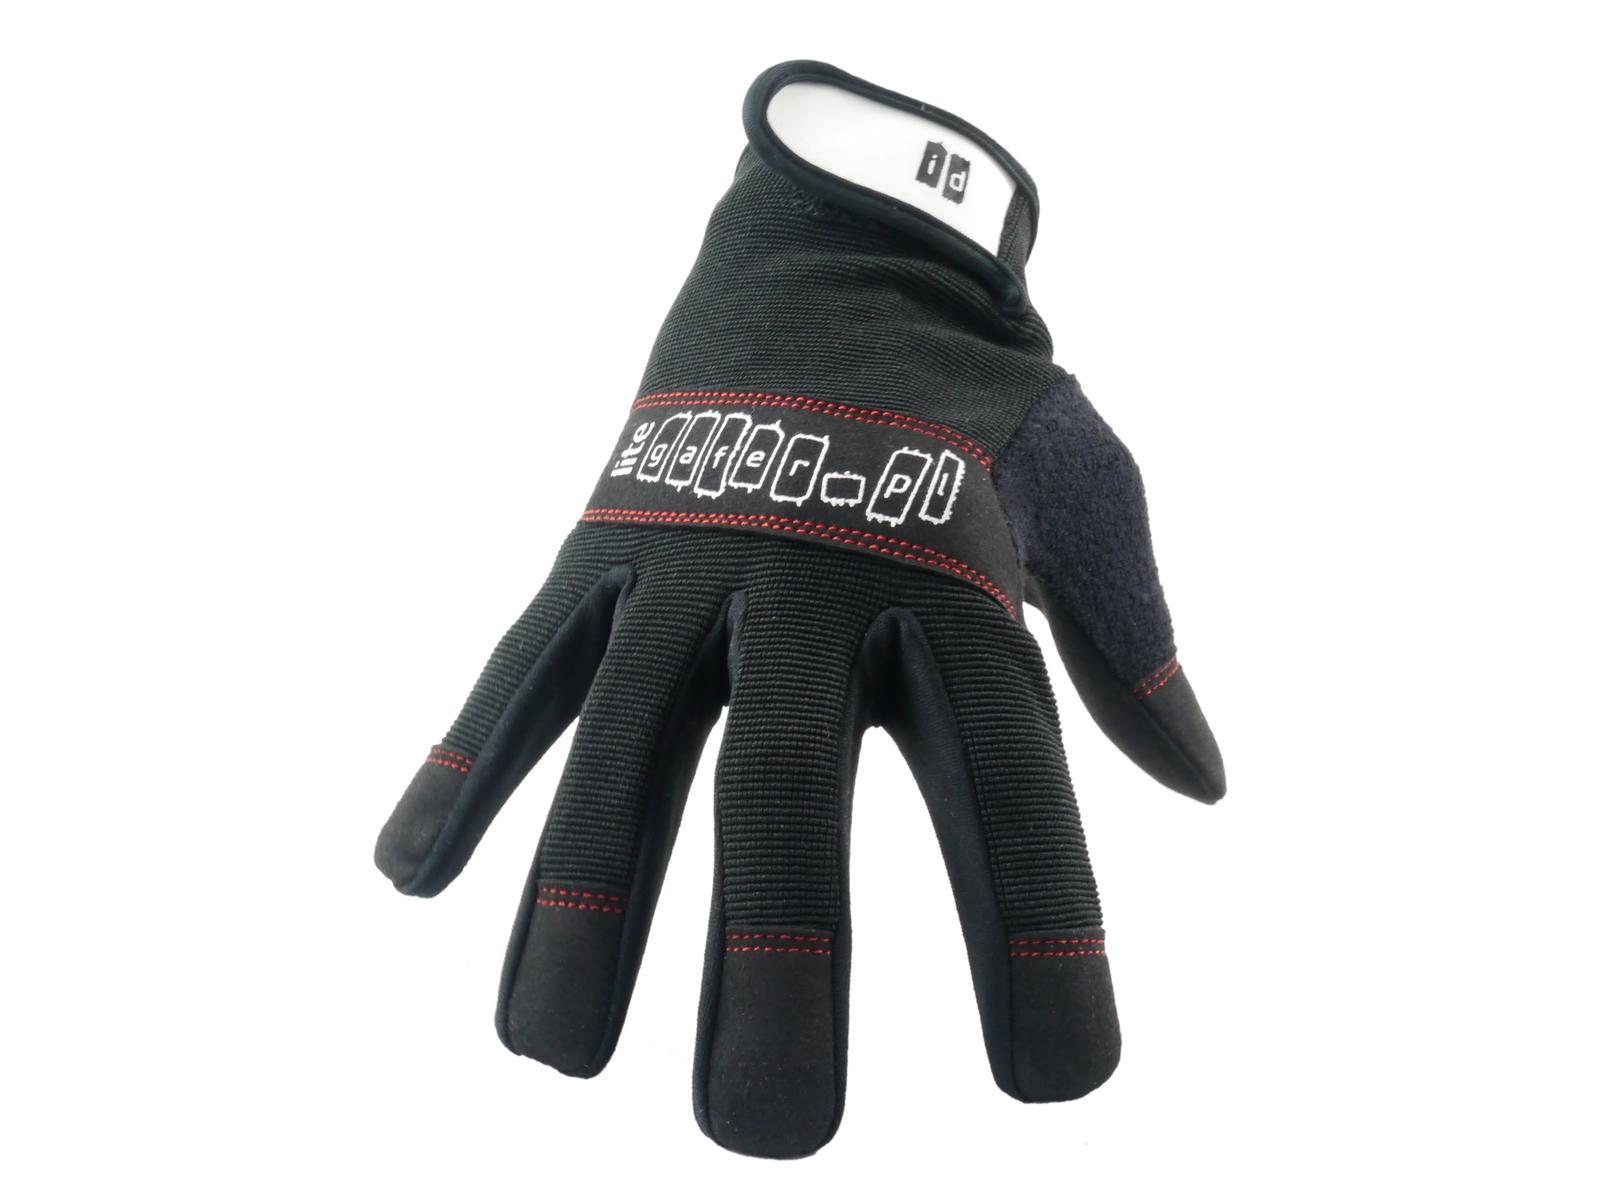 GAFER.PL lehké rukvice, velikost S